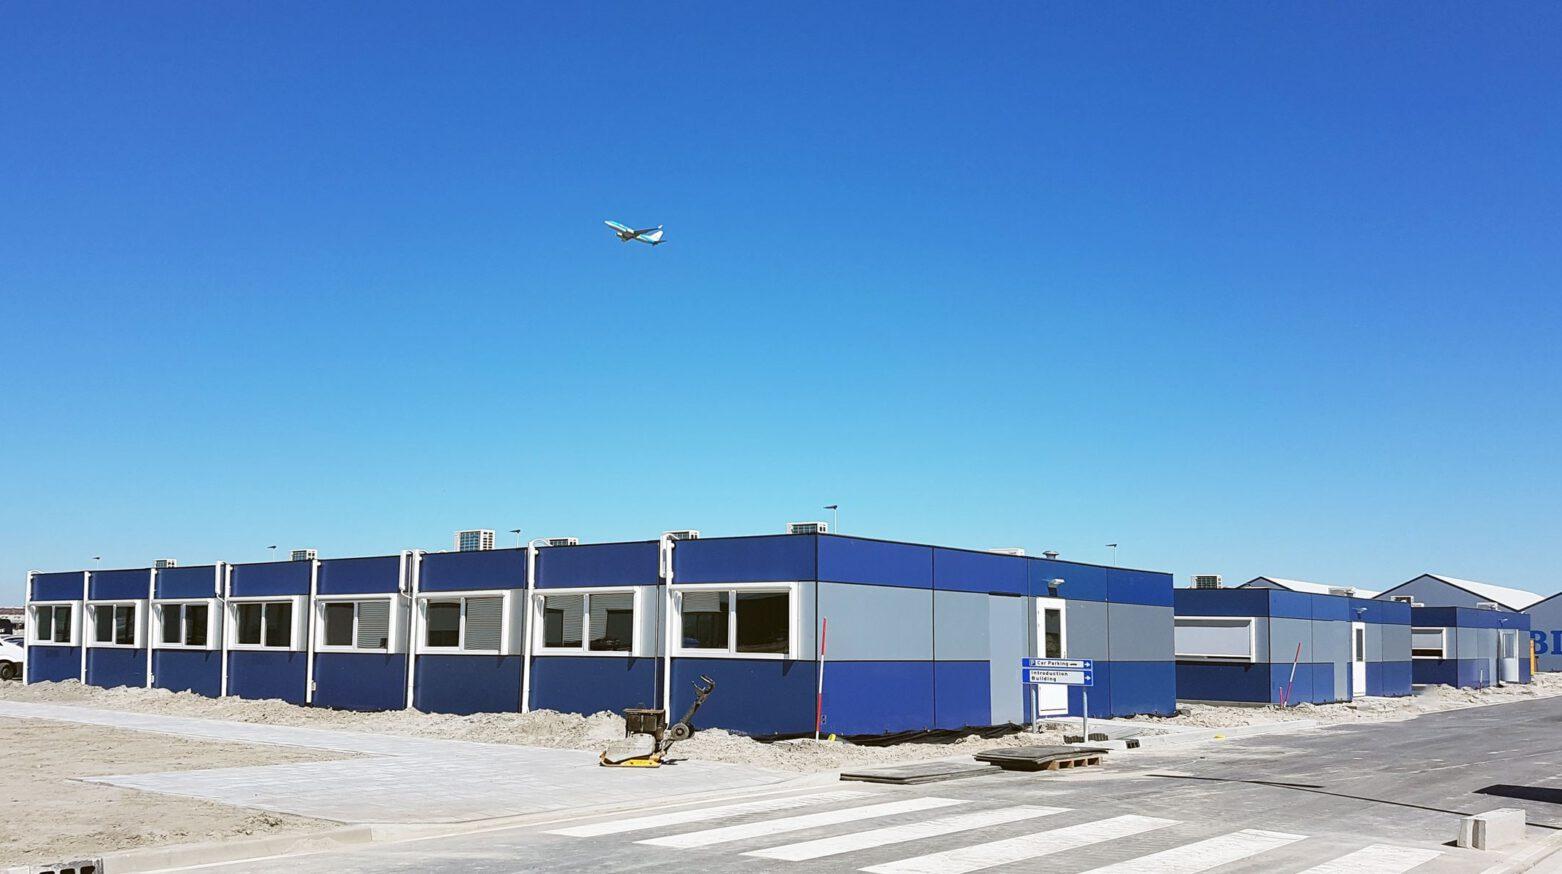 Logistic hub schiphol 03